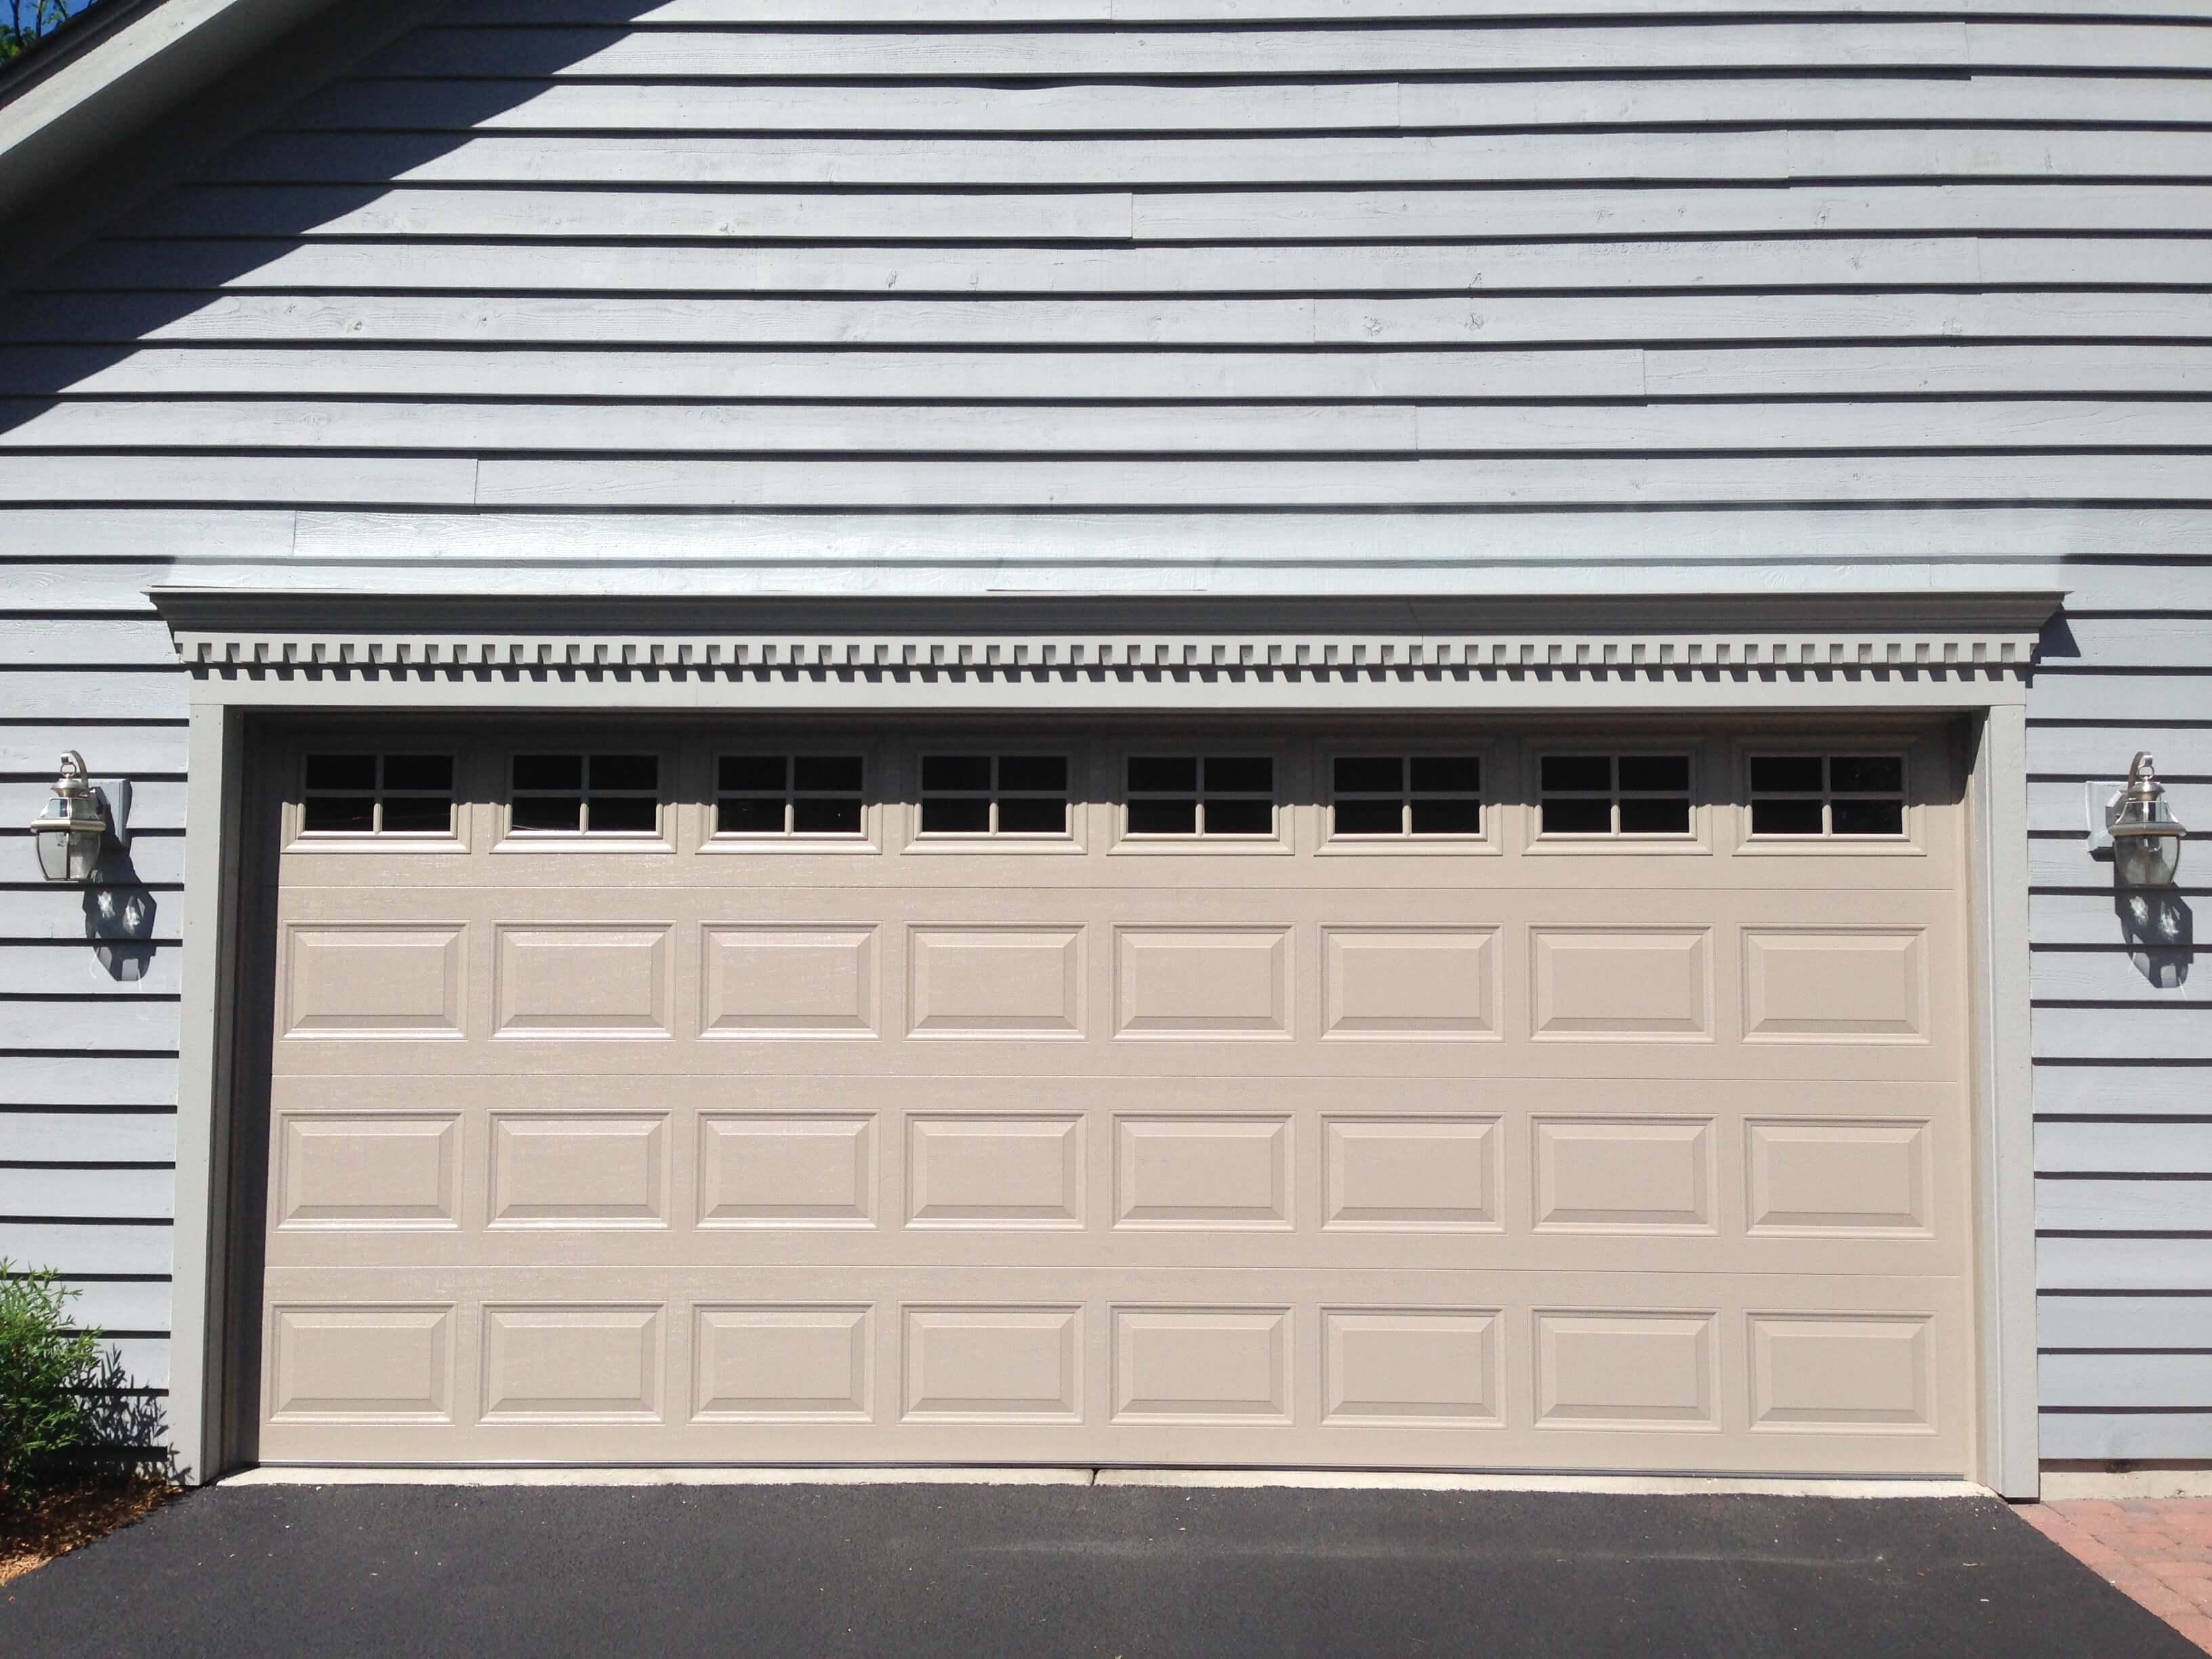 Next door inc in elgin il 847 429 4 for Garage door repair elgin il